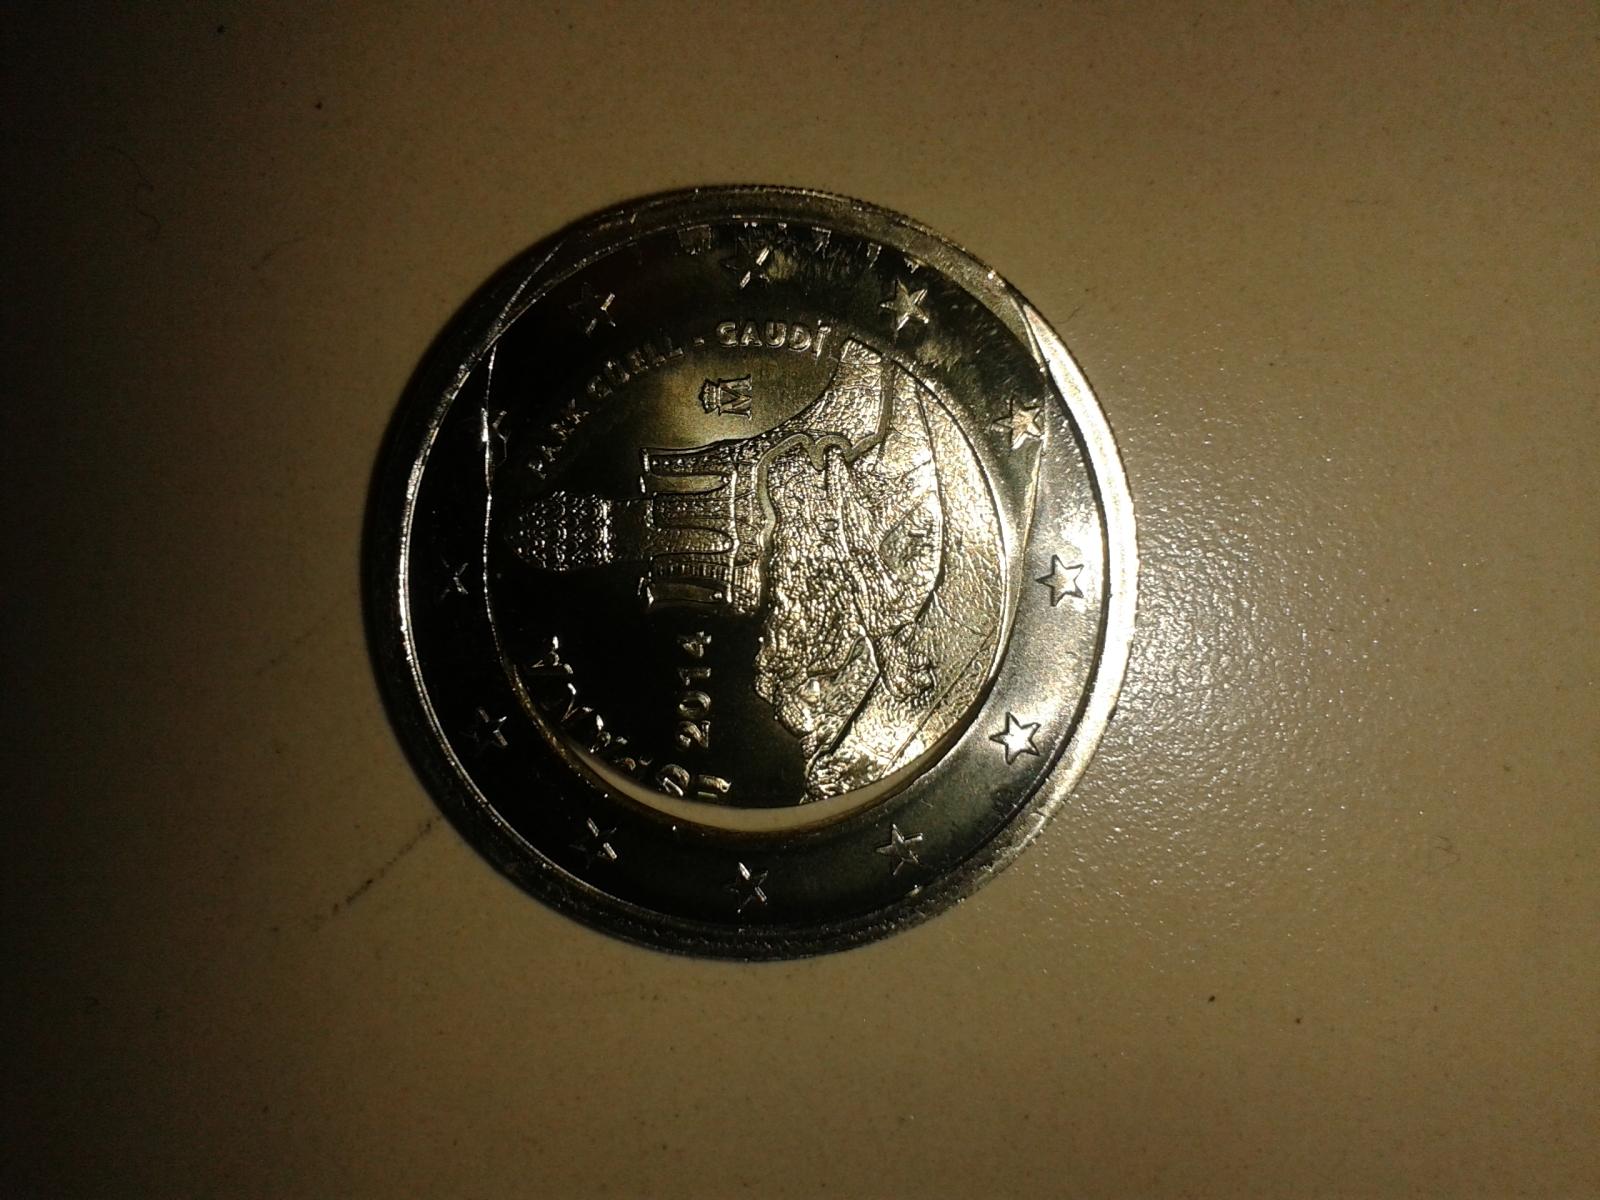 Moneda de 2€ CC Gaudi erronea. 14vs0vd